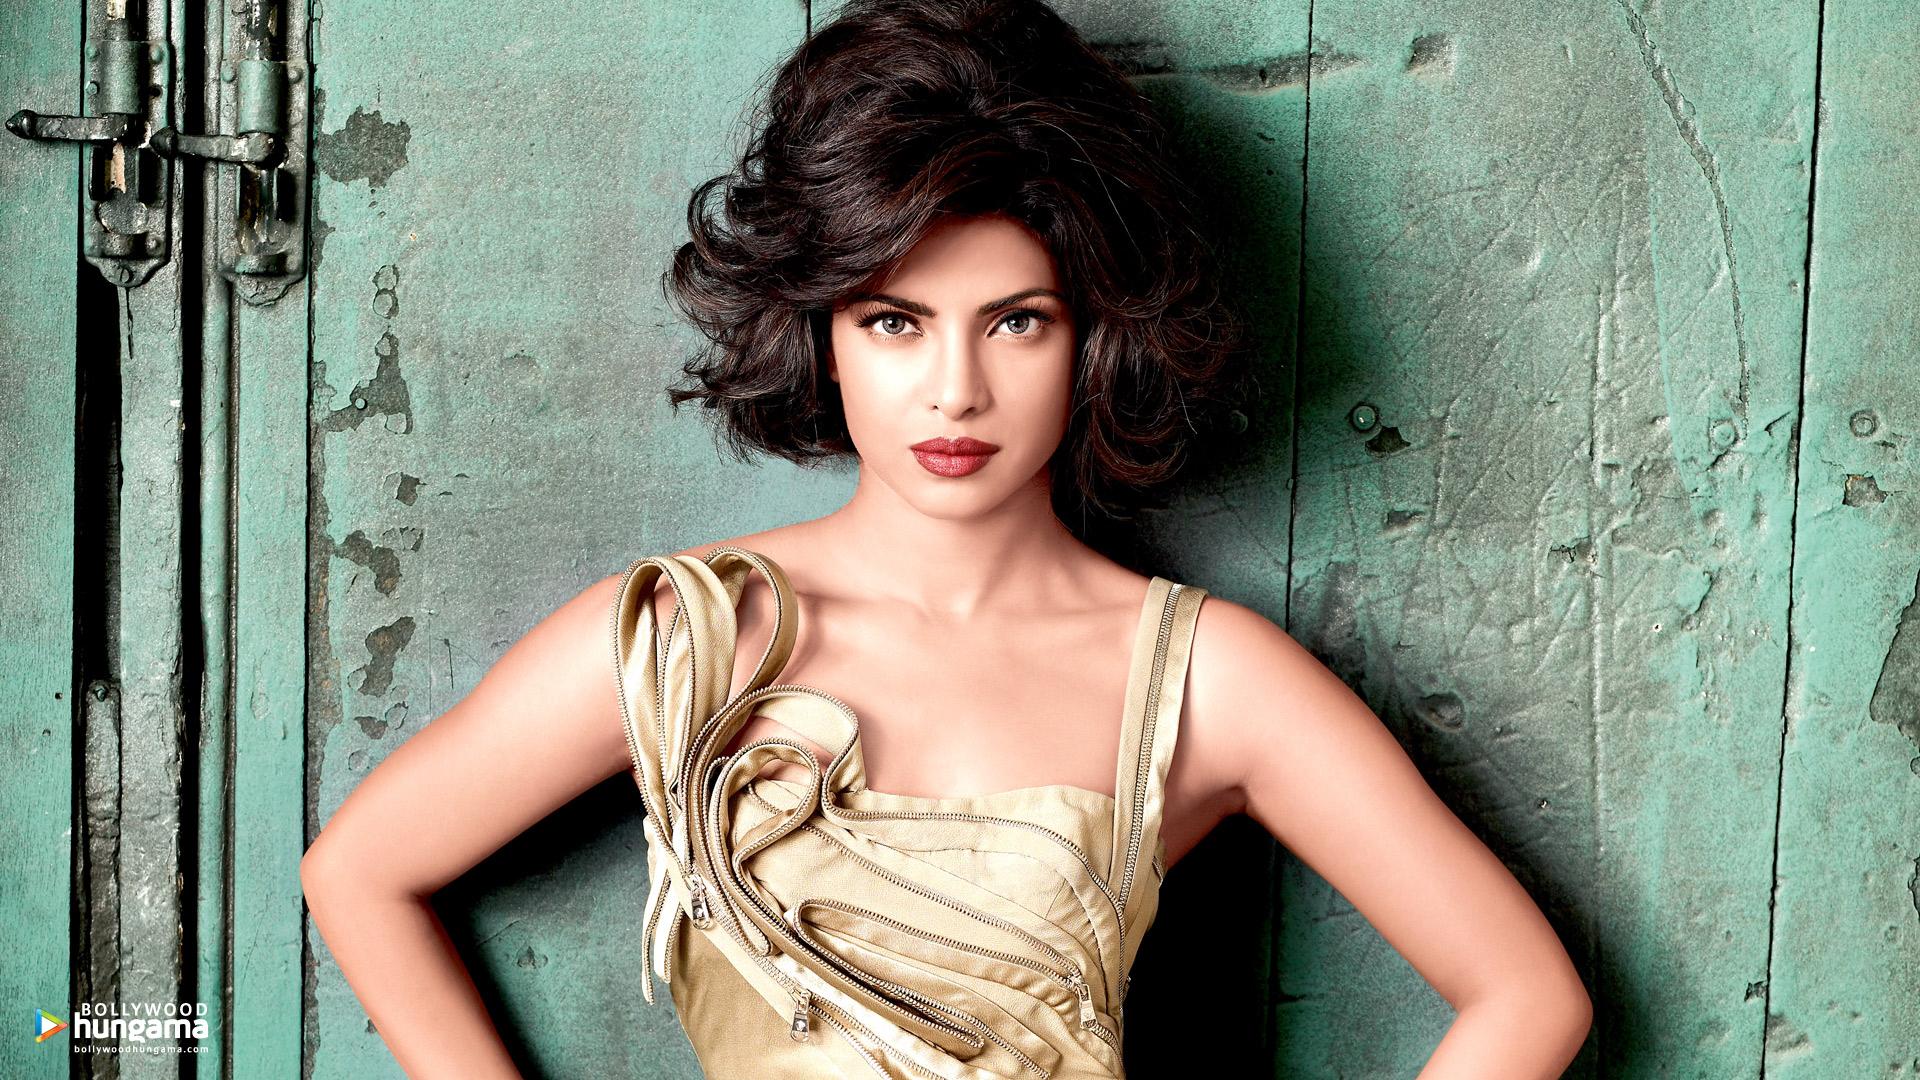 Pictures Of Priyanka Chopra